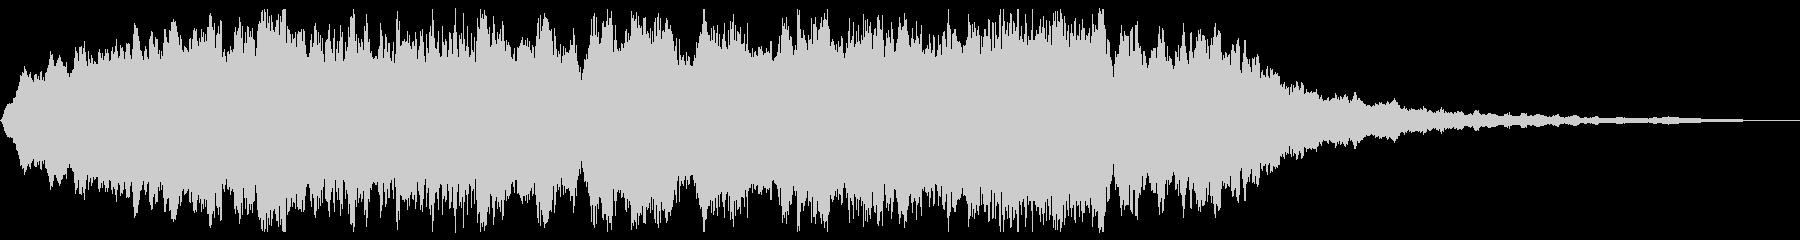 ホラーBGM 恐怖の演出 不気味な背景音の未再生の波形